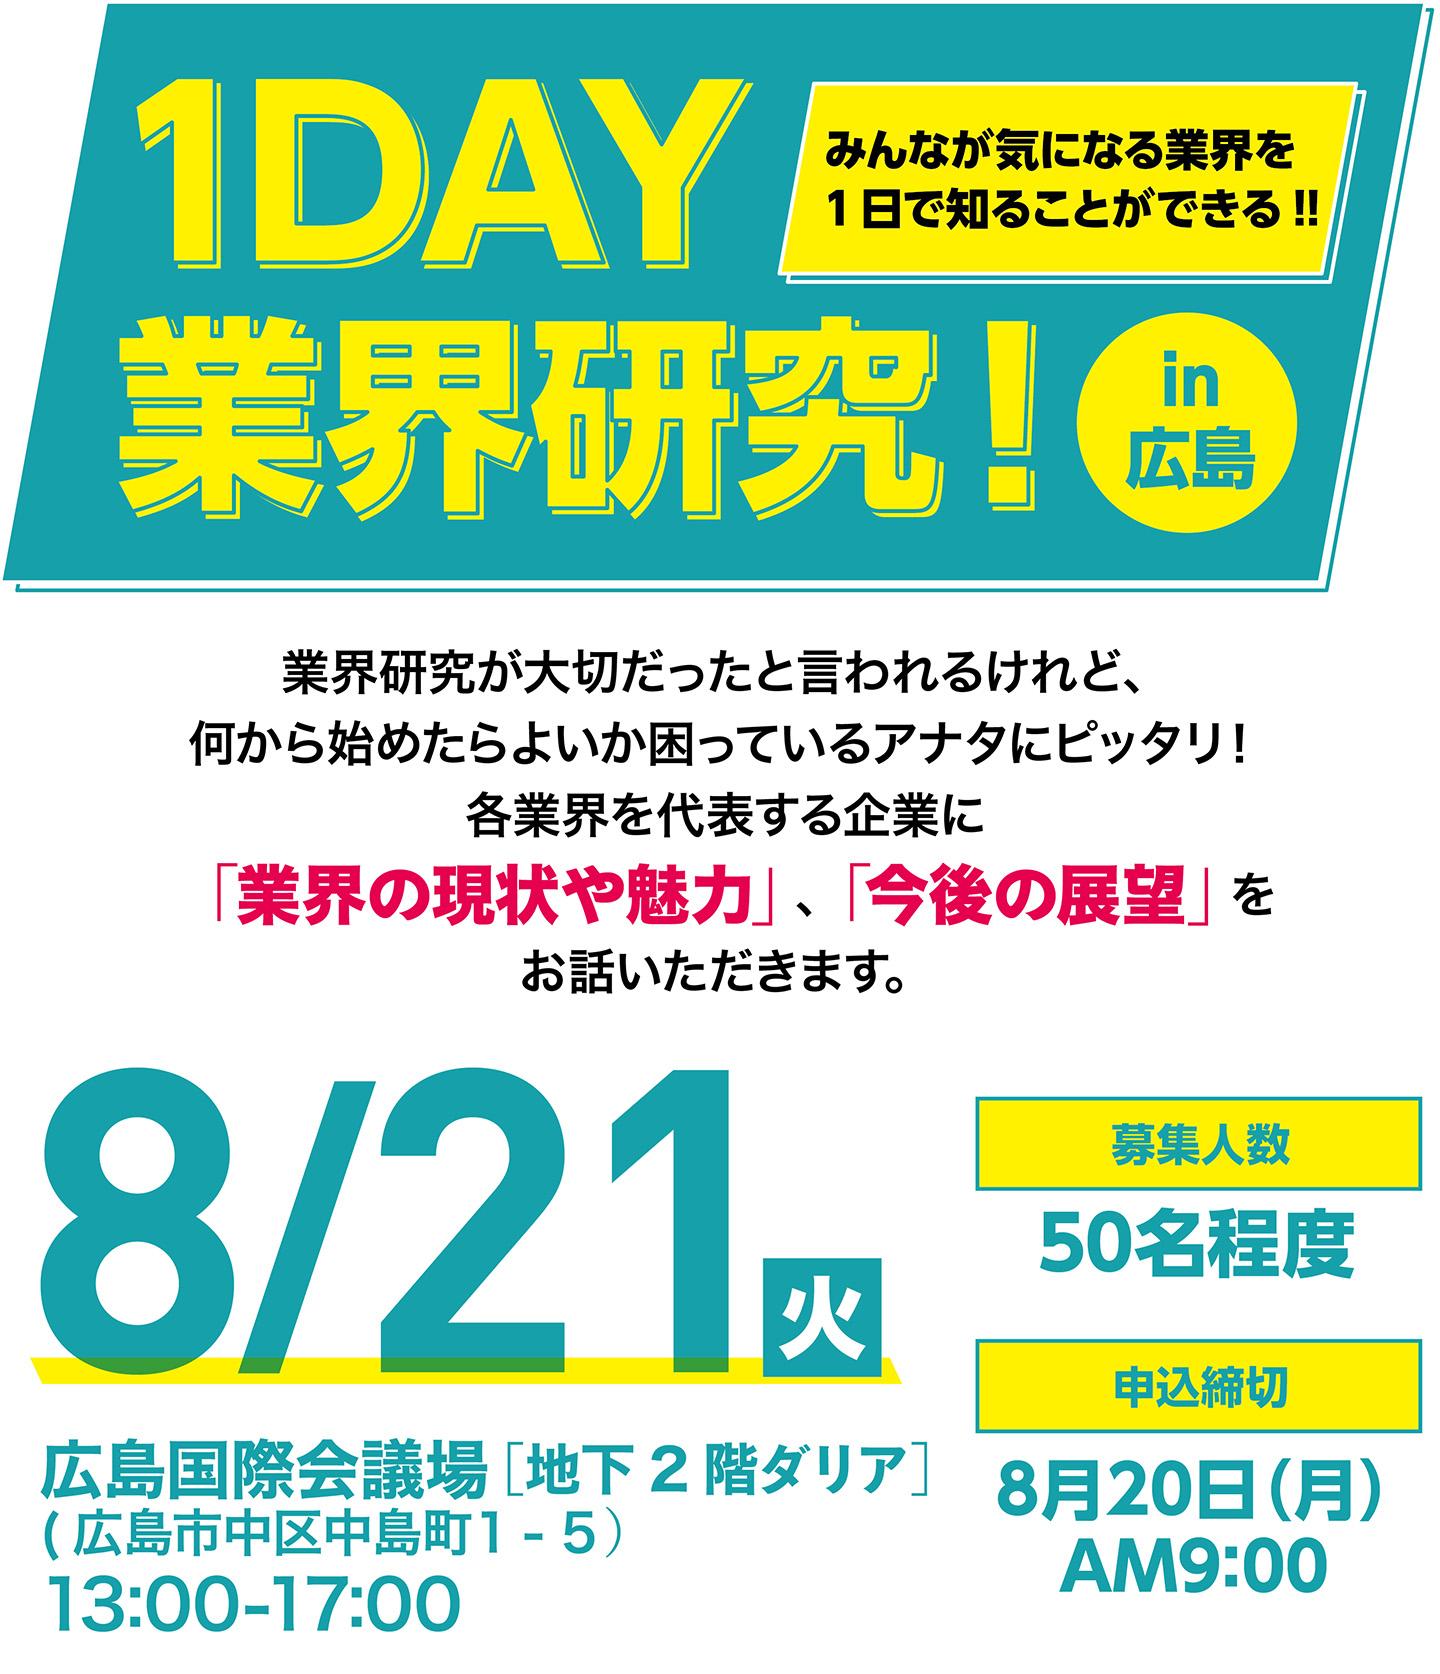 1DAY業界研究